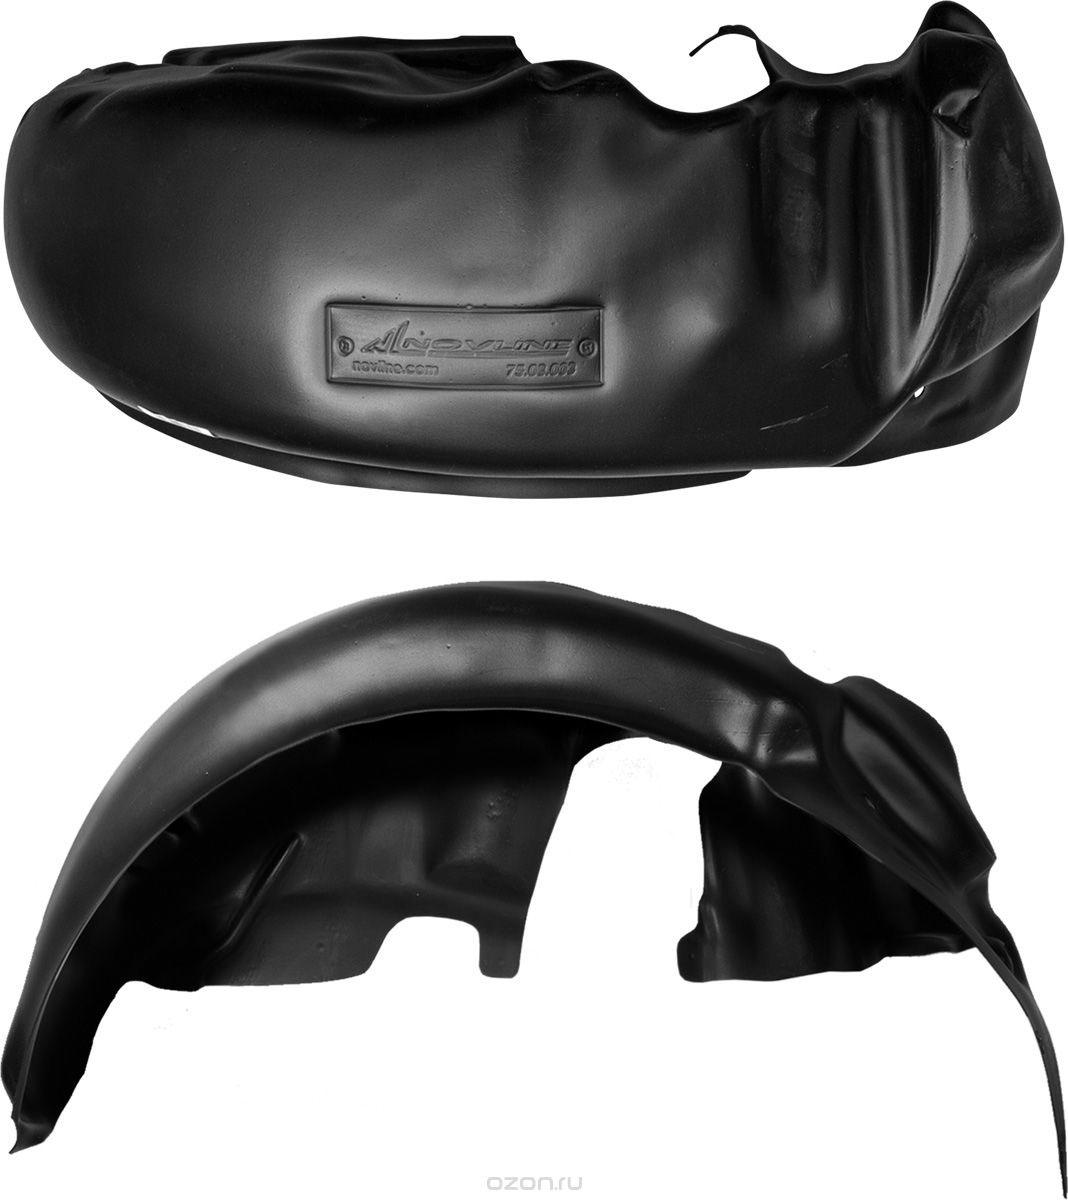 Подкрылок Novline-Autofamily, для Chevrolet NIVA 3, 2002-2008, передний правыйNLL.52.15.002Идеальная защита колесной ниши. Локеры разработаны с применением цифровых технологий, гарантируют максимальную повторяемость поверхности арки. Изделия устанавливаются без нарушения лакокрасочного покрытия автомобиля, каждый подкрылок комплектуется крепежом. Уважаемые клиенты, обращаем ваше внимание, что фотографии на подкрылки универсальные и не отражают реальную форму изделия. При этом само изделие идет точно под размер указанного автомобиля.